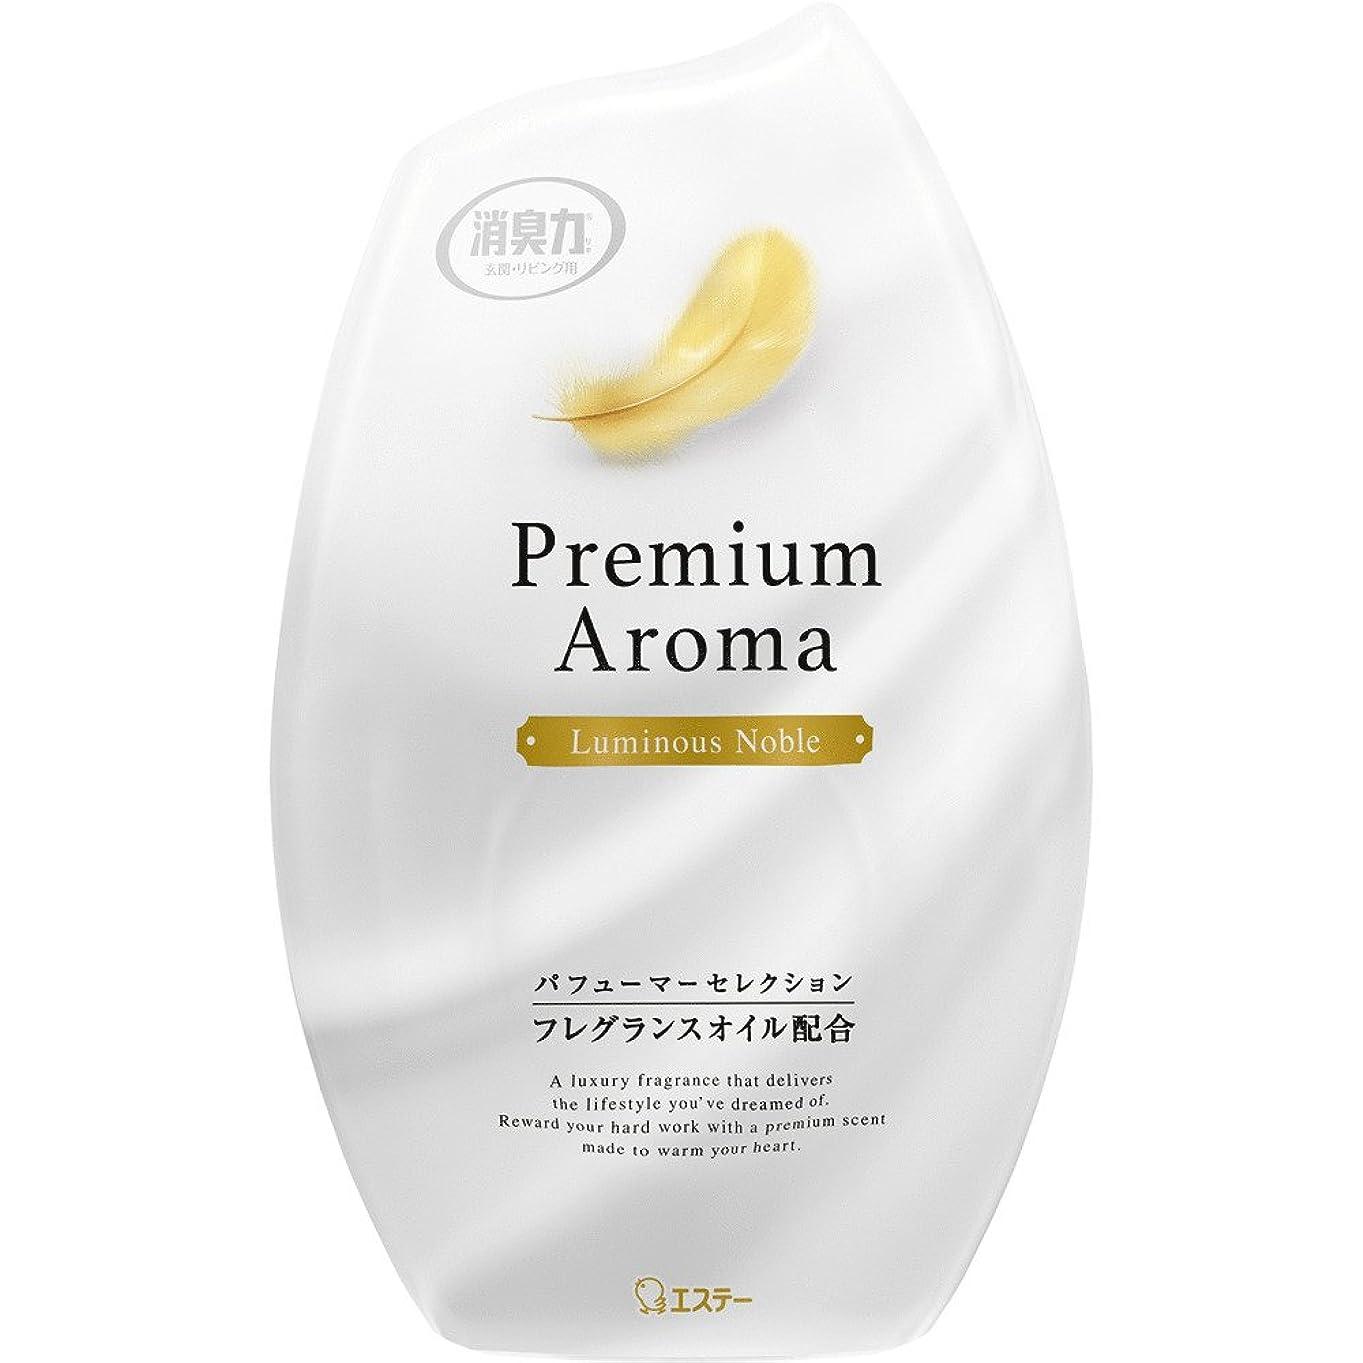 防止おかしい布お部屋の消臭力 プレミアムアロマ Premium Aroma 消臭芳香剤 部屋用 部屋 ルミナスノーブルの香り 400ml